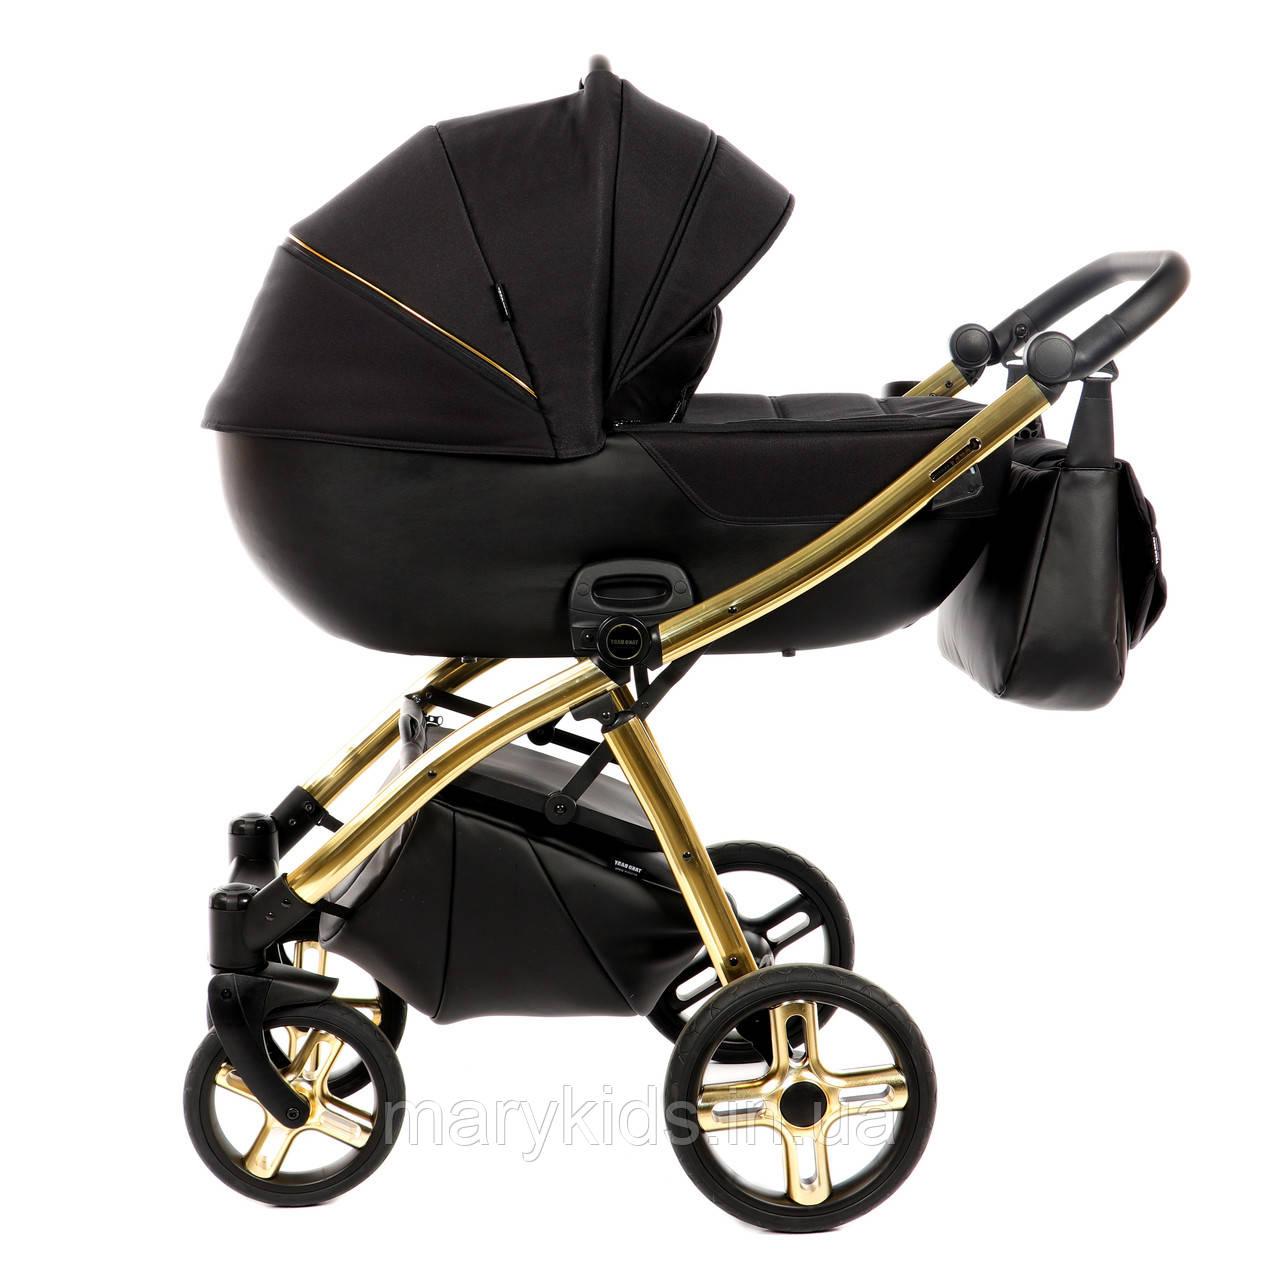 Детская универсальная коляска 2 в 1 Tako Laret Classic 05